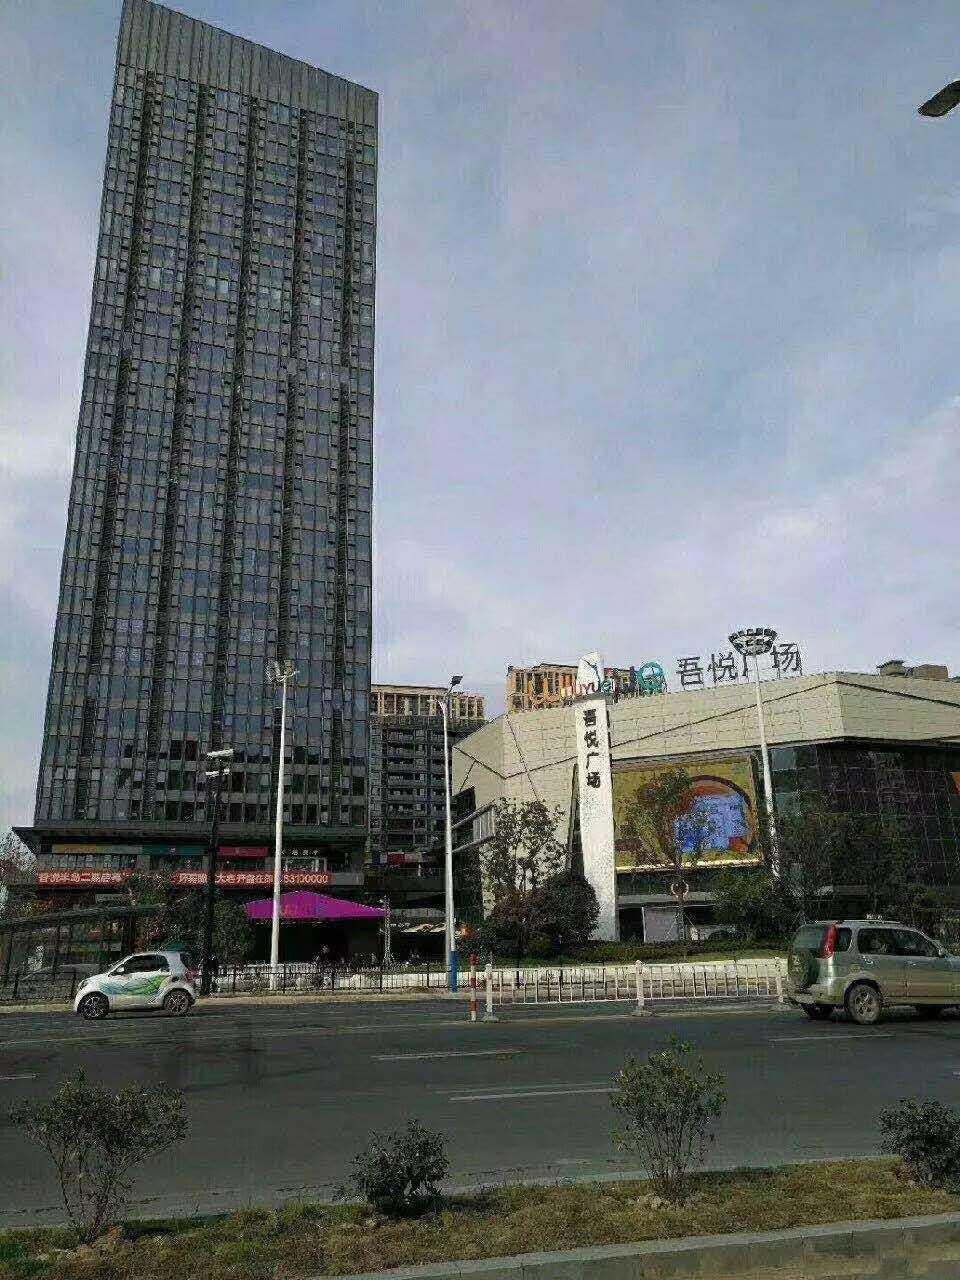 09093出售吾悦单身公寓44平方,32楼,精装修  售价39万朝北的实拍照片